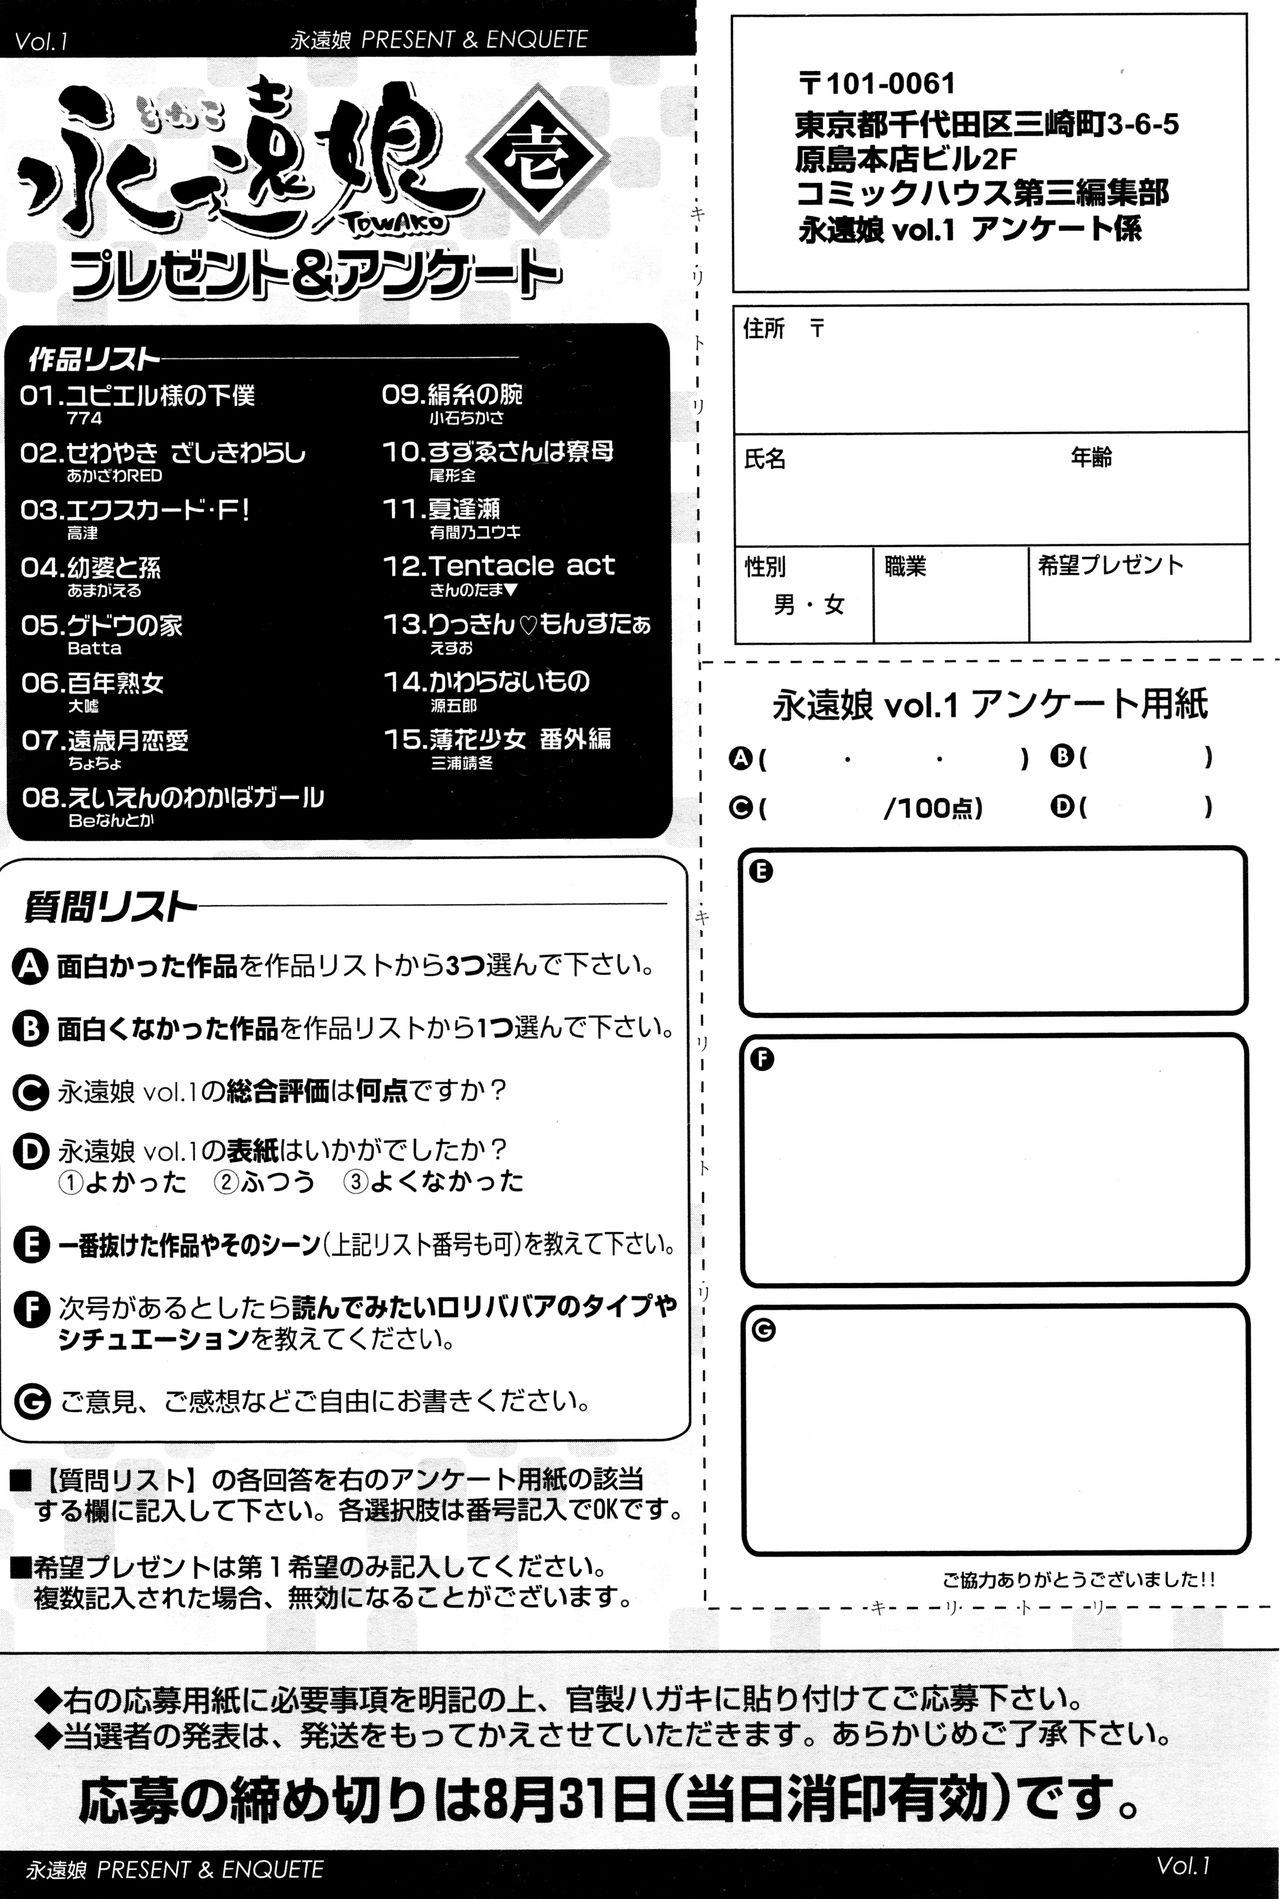 Towako Ichi 393